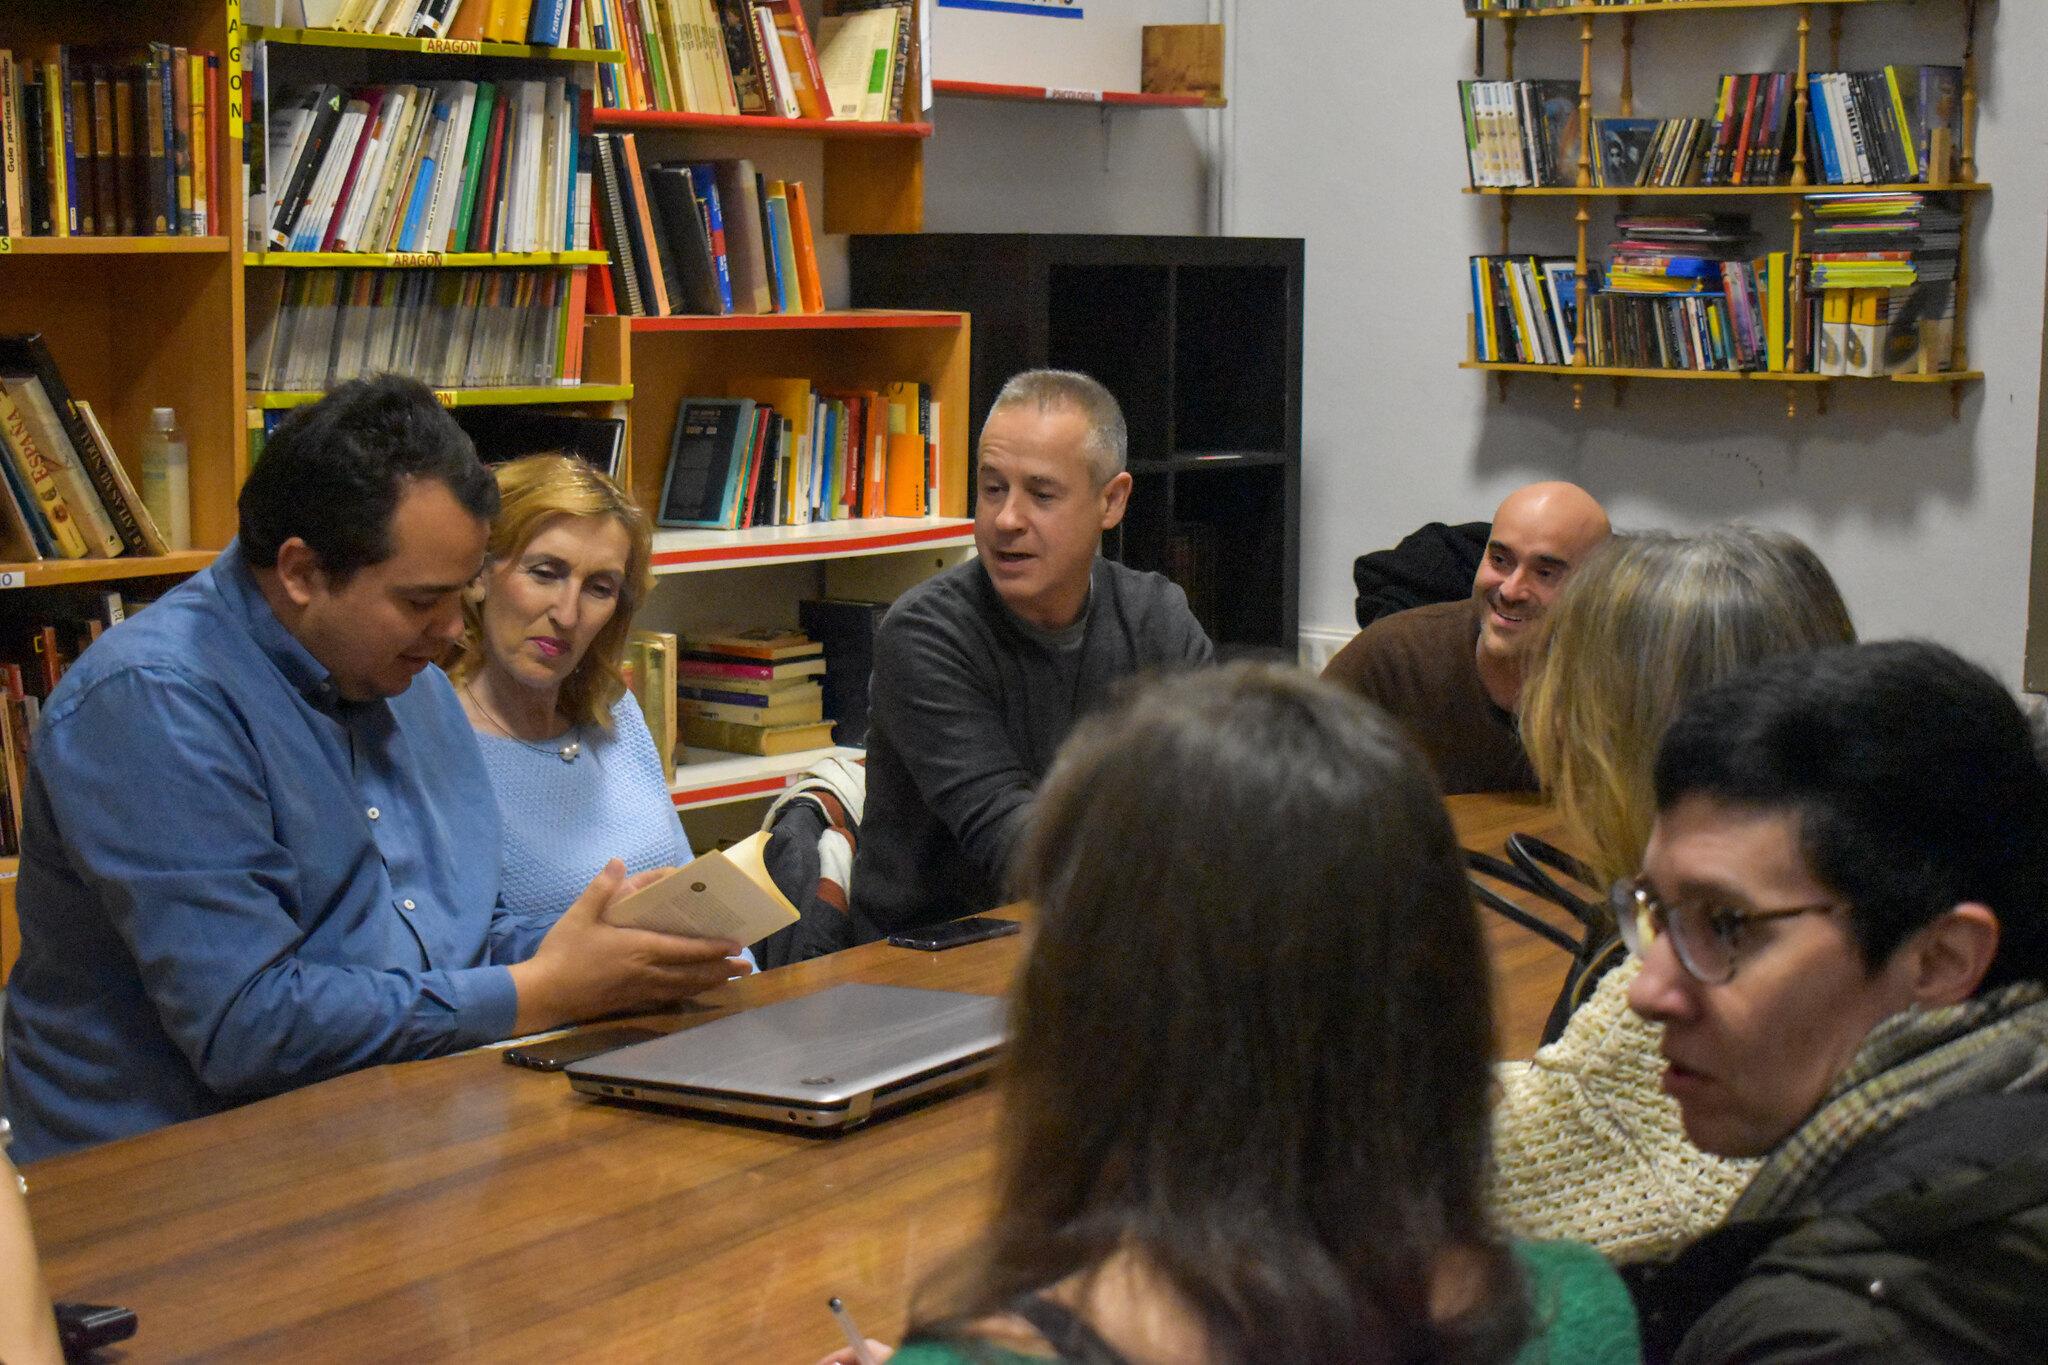 Algunos miembros de la asociación Austen y Bronte en su club de lectura. Fotografía: Madalina Panti